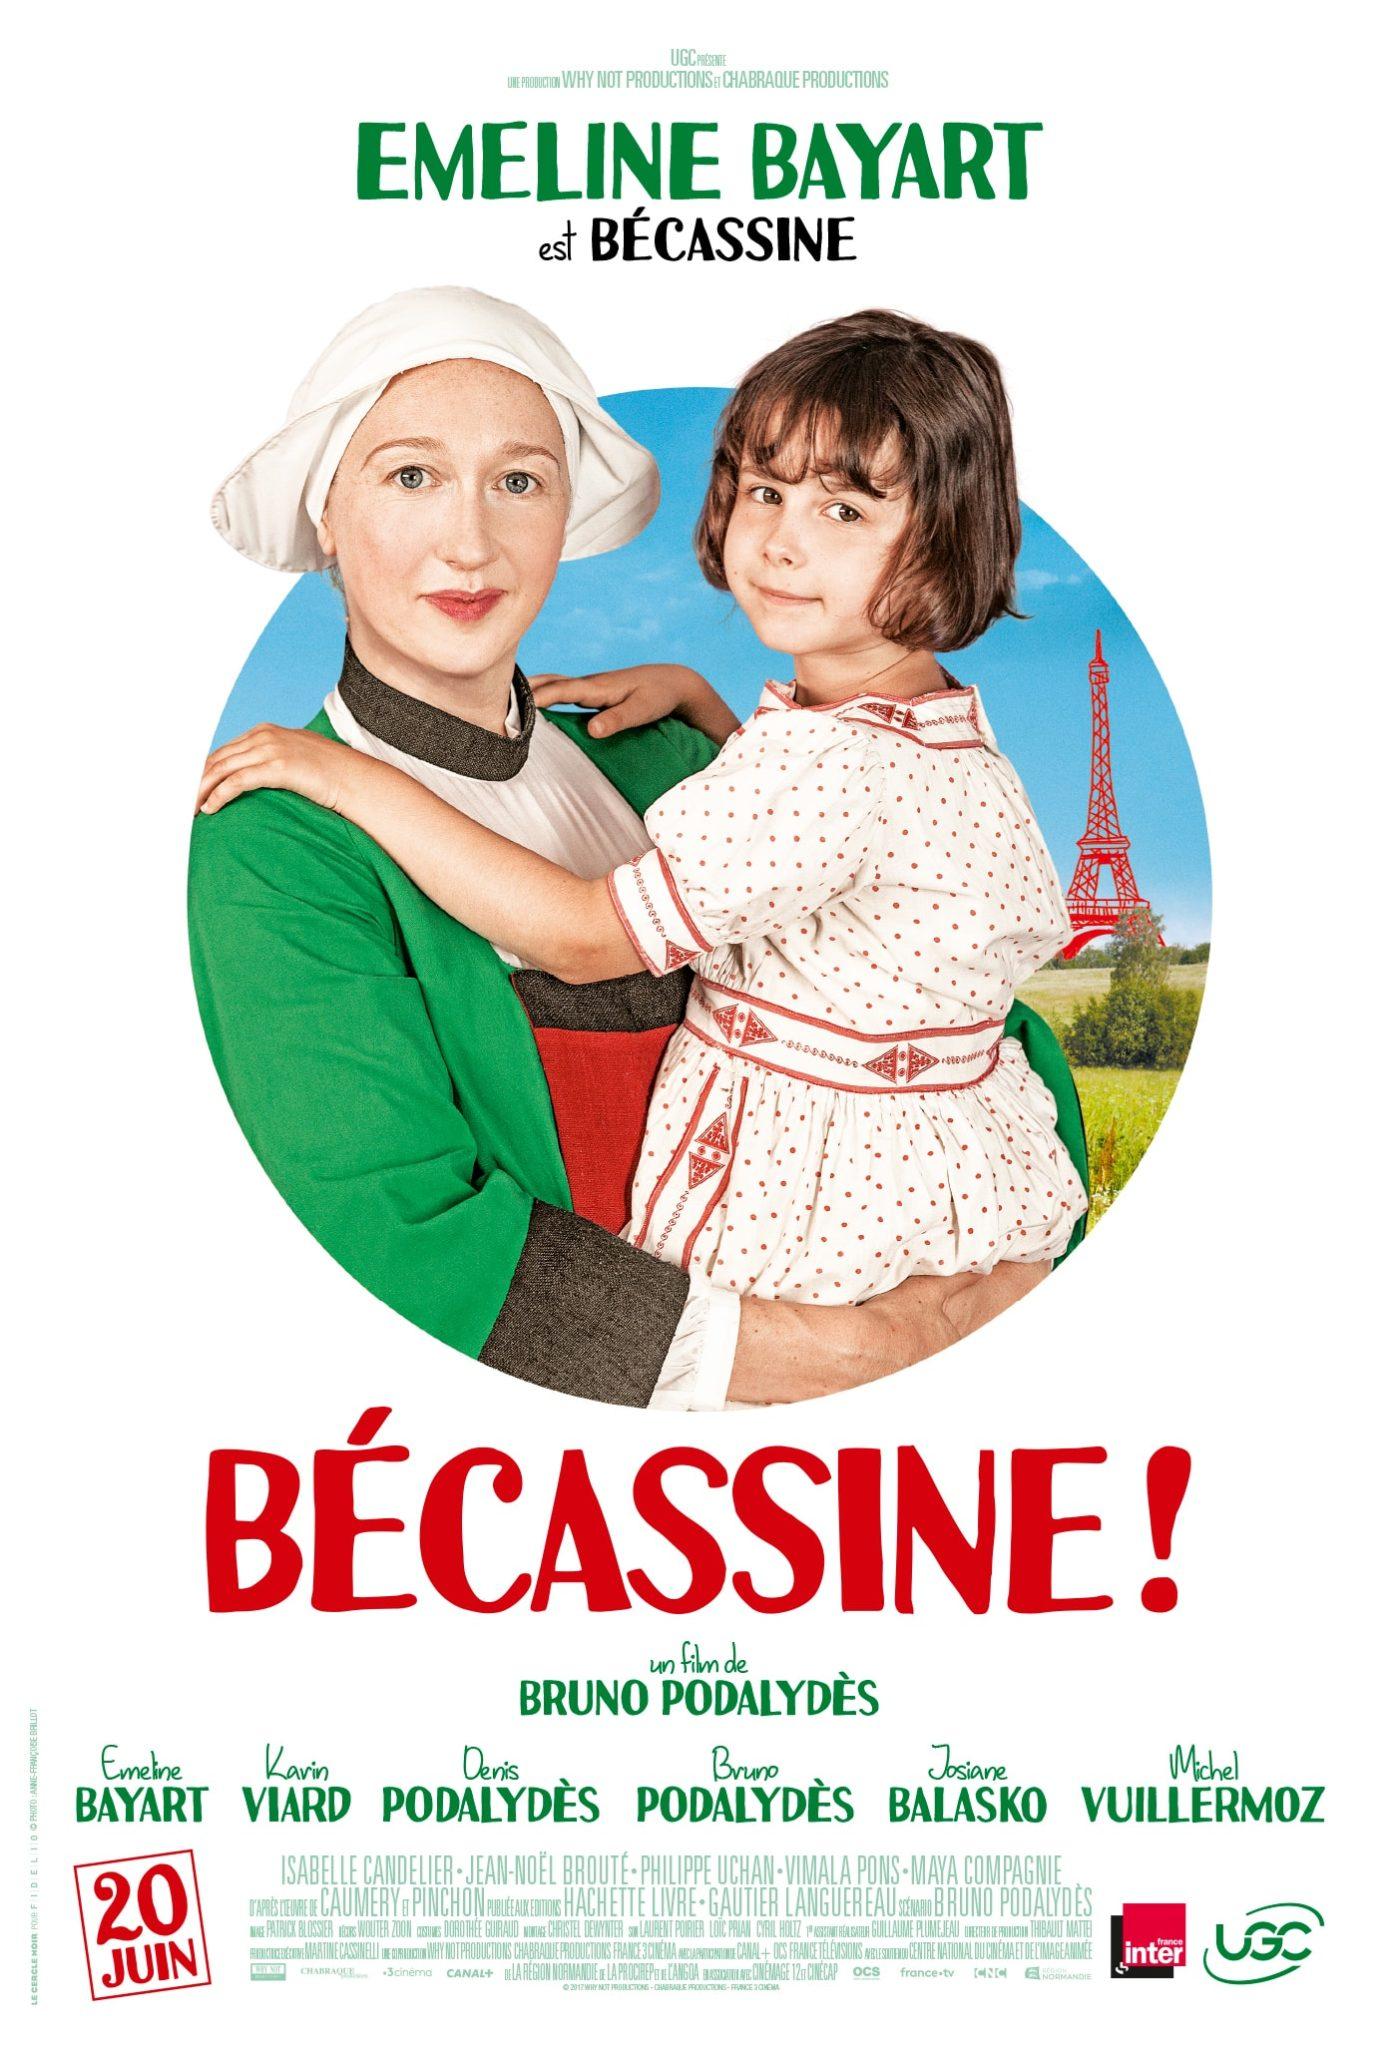 Bécassine ! de Bruno Podalydès affiche personnage de Emeline Bayart